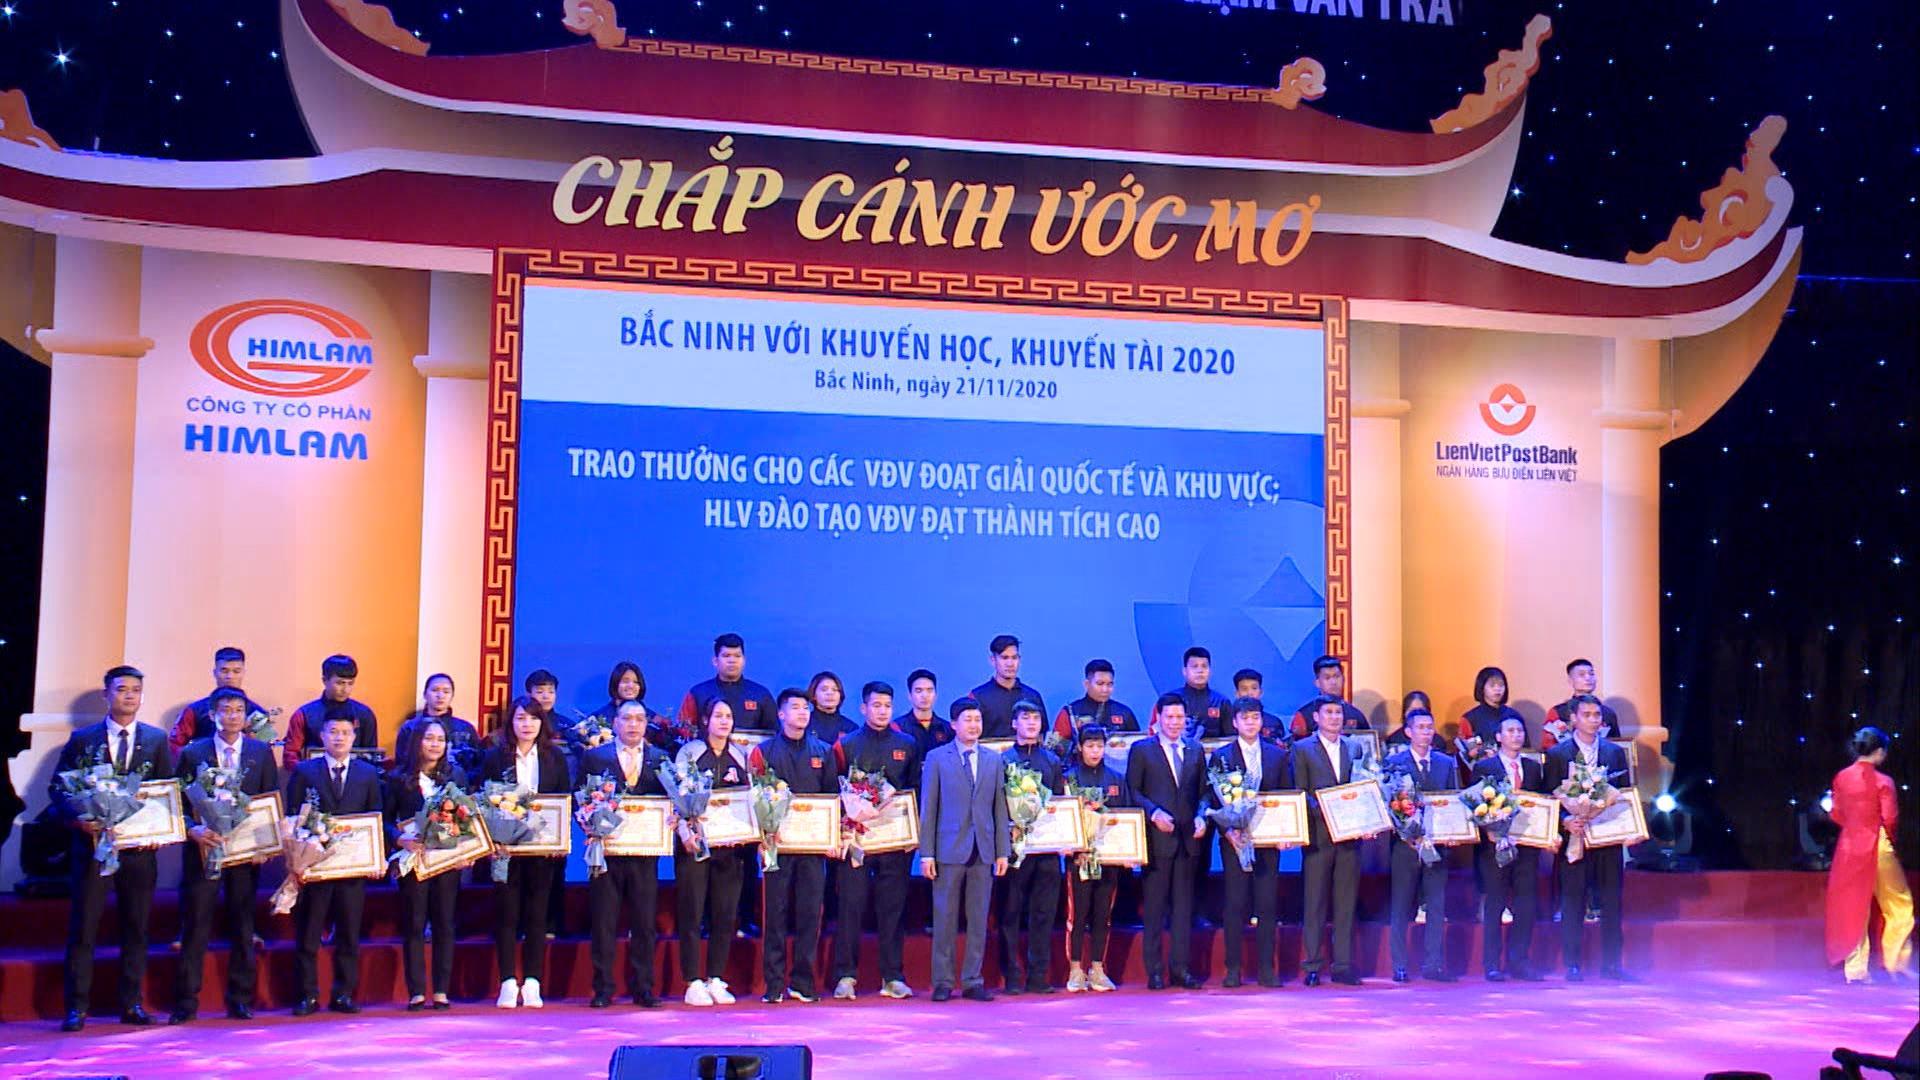 Chấp cánh ước mơ - Bắc Ninh với khuyến học khuyến tài phần 2